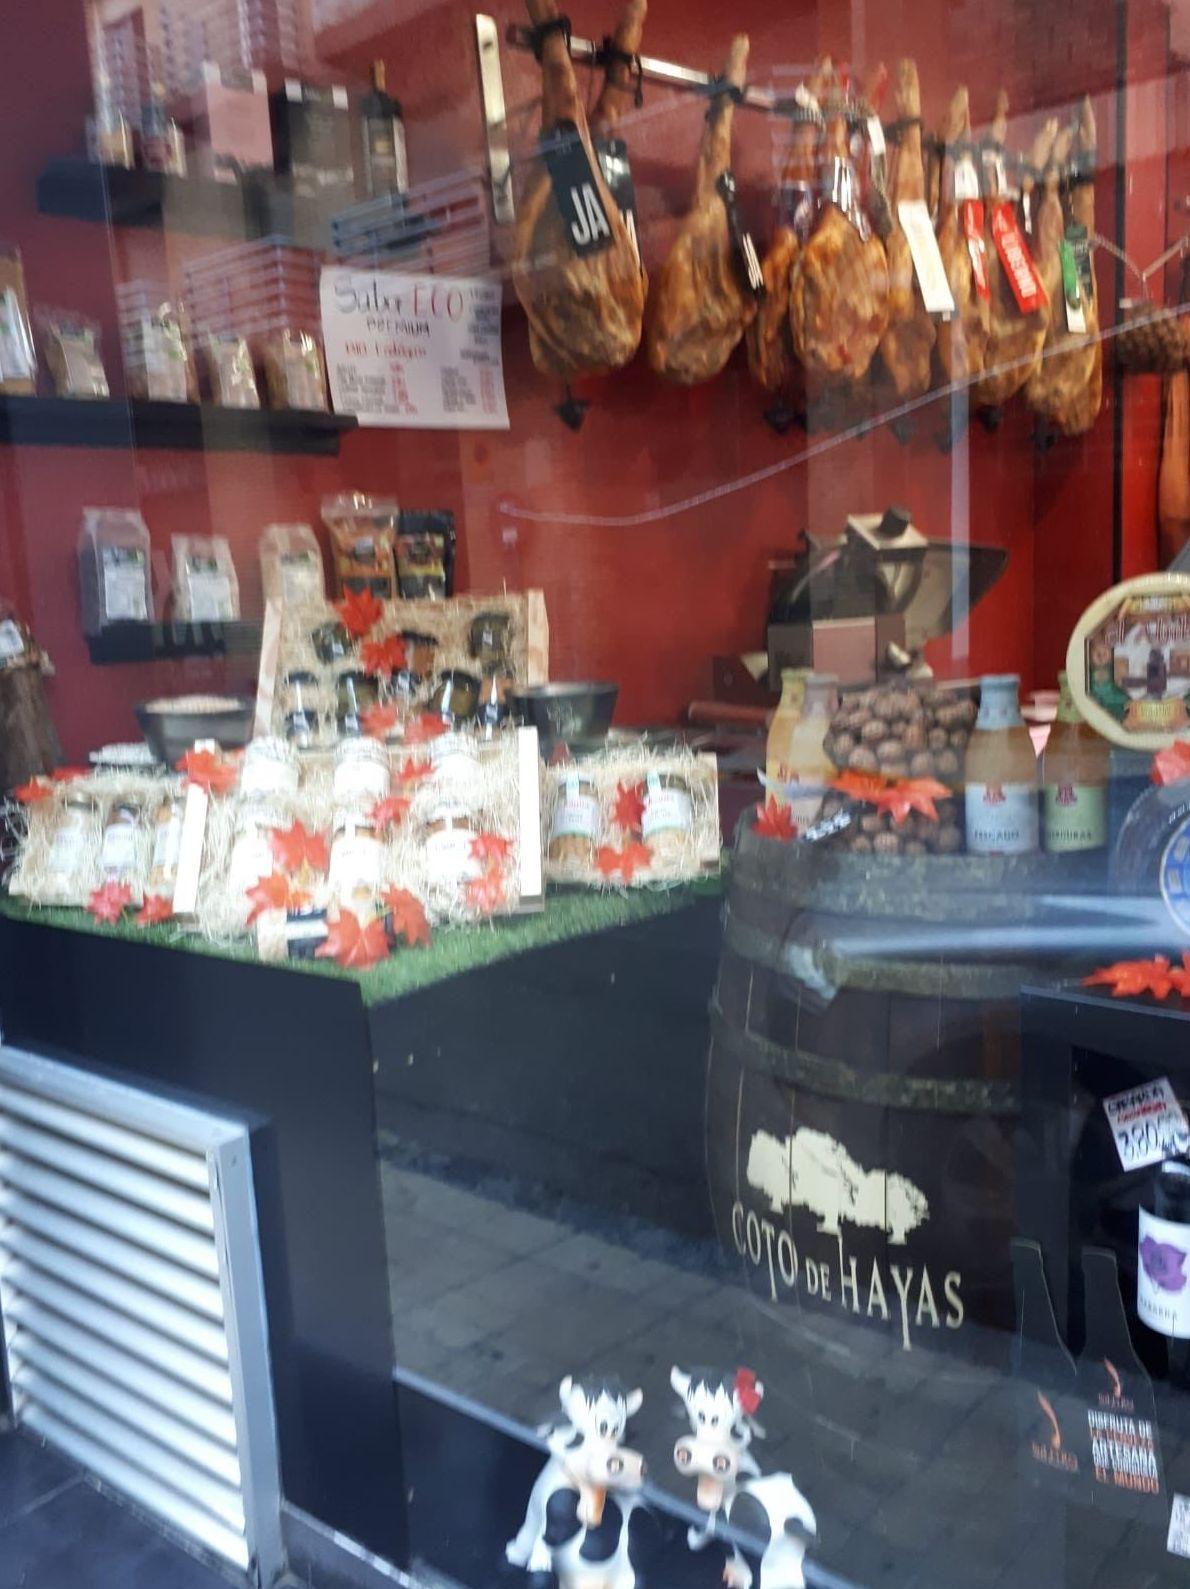 Foto 9 de Carnicería y charcutería en Zaragoza | Carnicería Charcutería Valero y Marimar